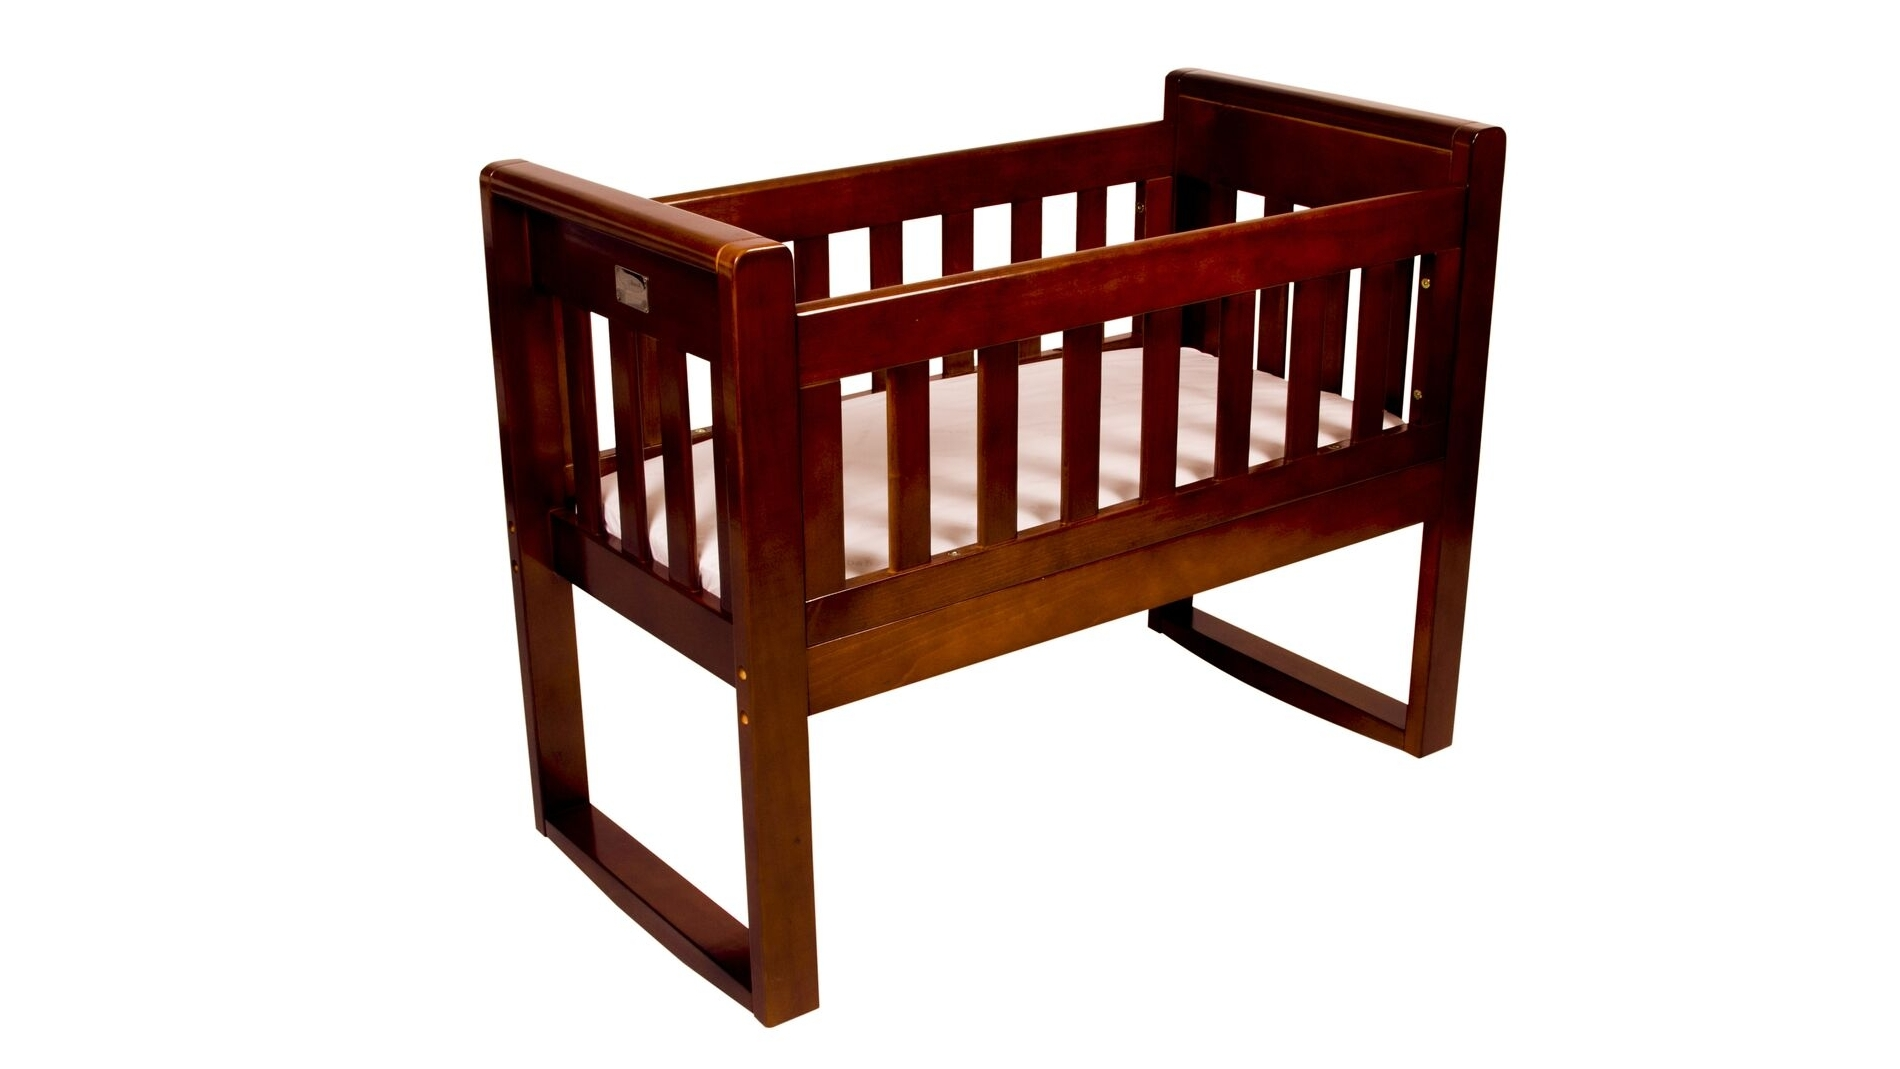 Image of Babyhood Zimbali 3 in 1 Cradle and Rocking Seat